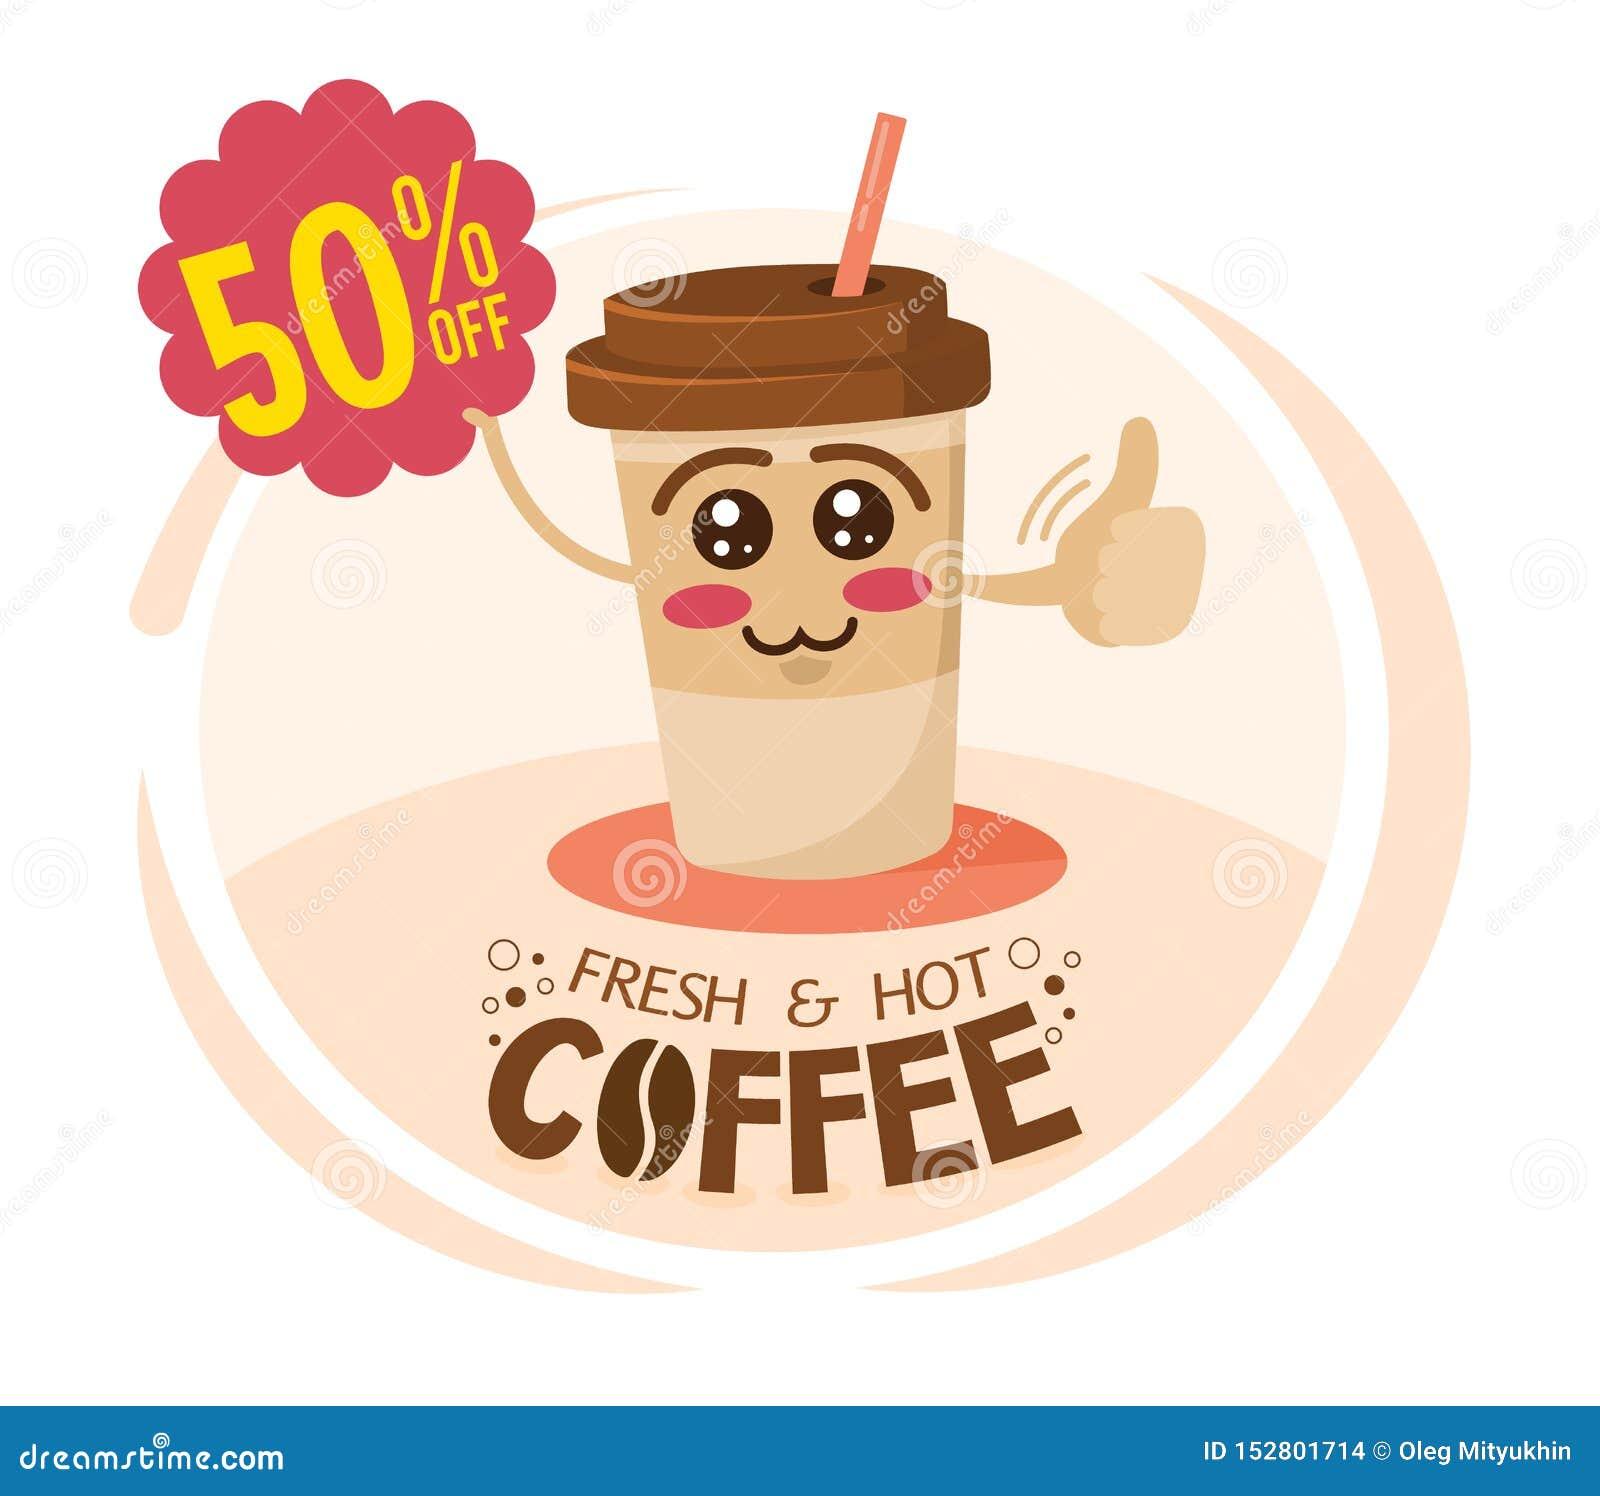 Αστείο φλυτζάνι καφέ χαρακτήρα κινουμένων σχεδίων που κρατά ένα σημάδι με την ειδική προσφορά Έννοια έκπτωσης καφέ